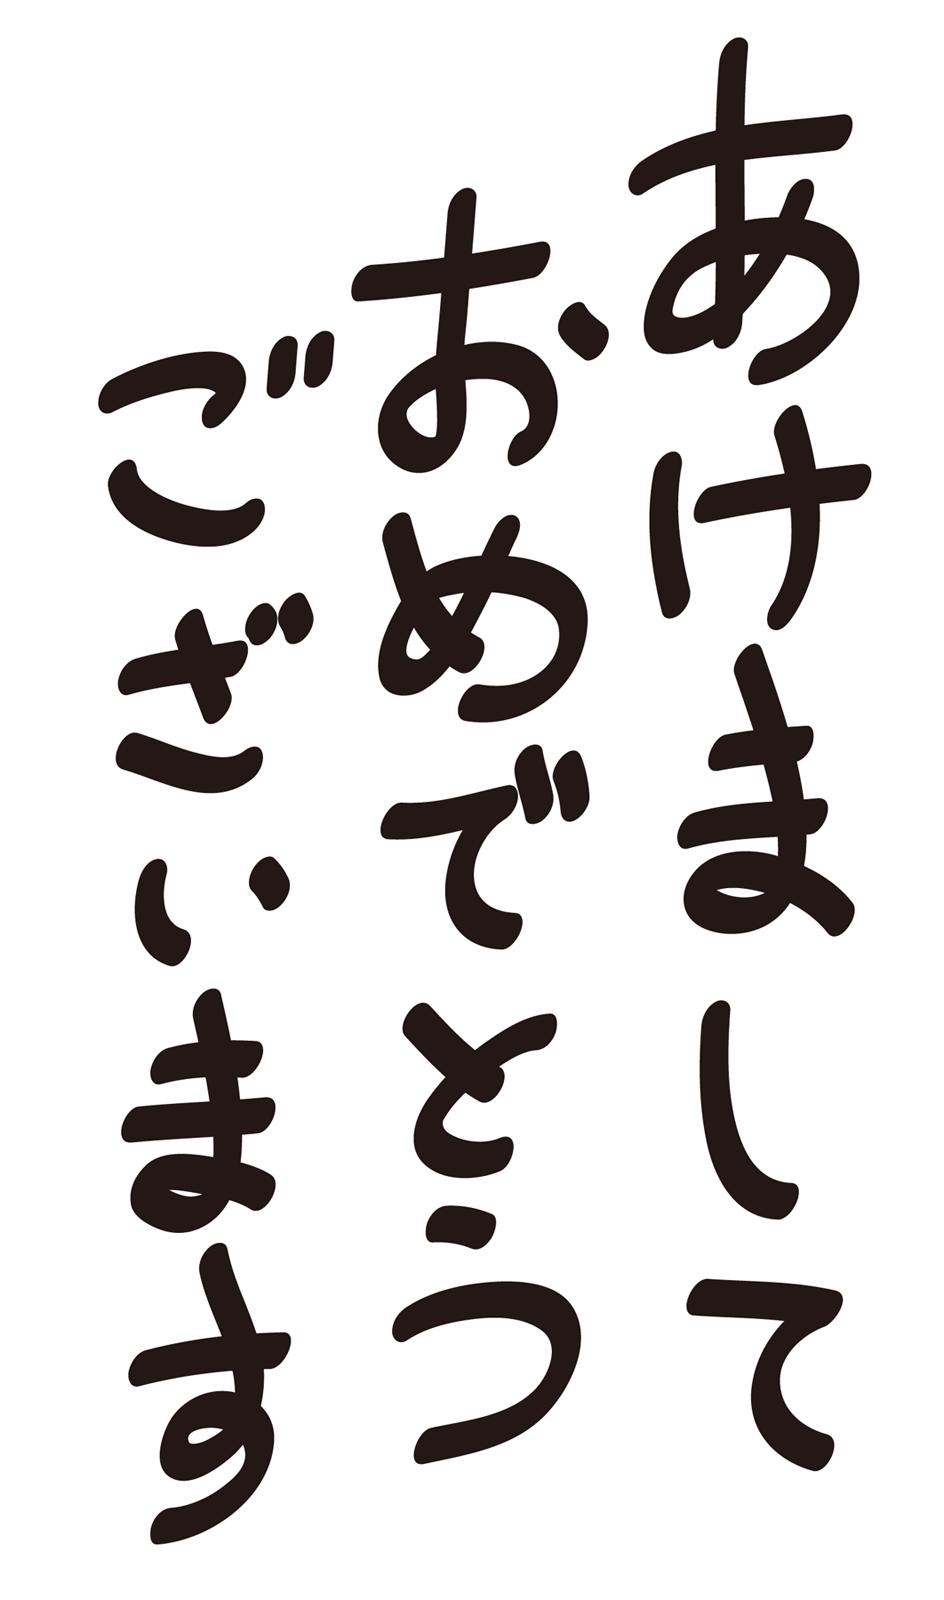 あけましておめでとうございます文字縦書き年賀状素材 無料イラスト配布サイトマンガトップ